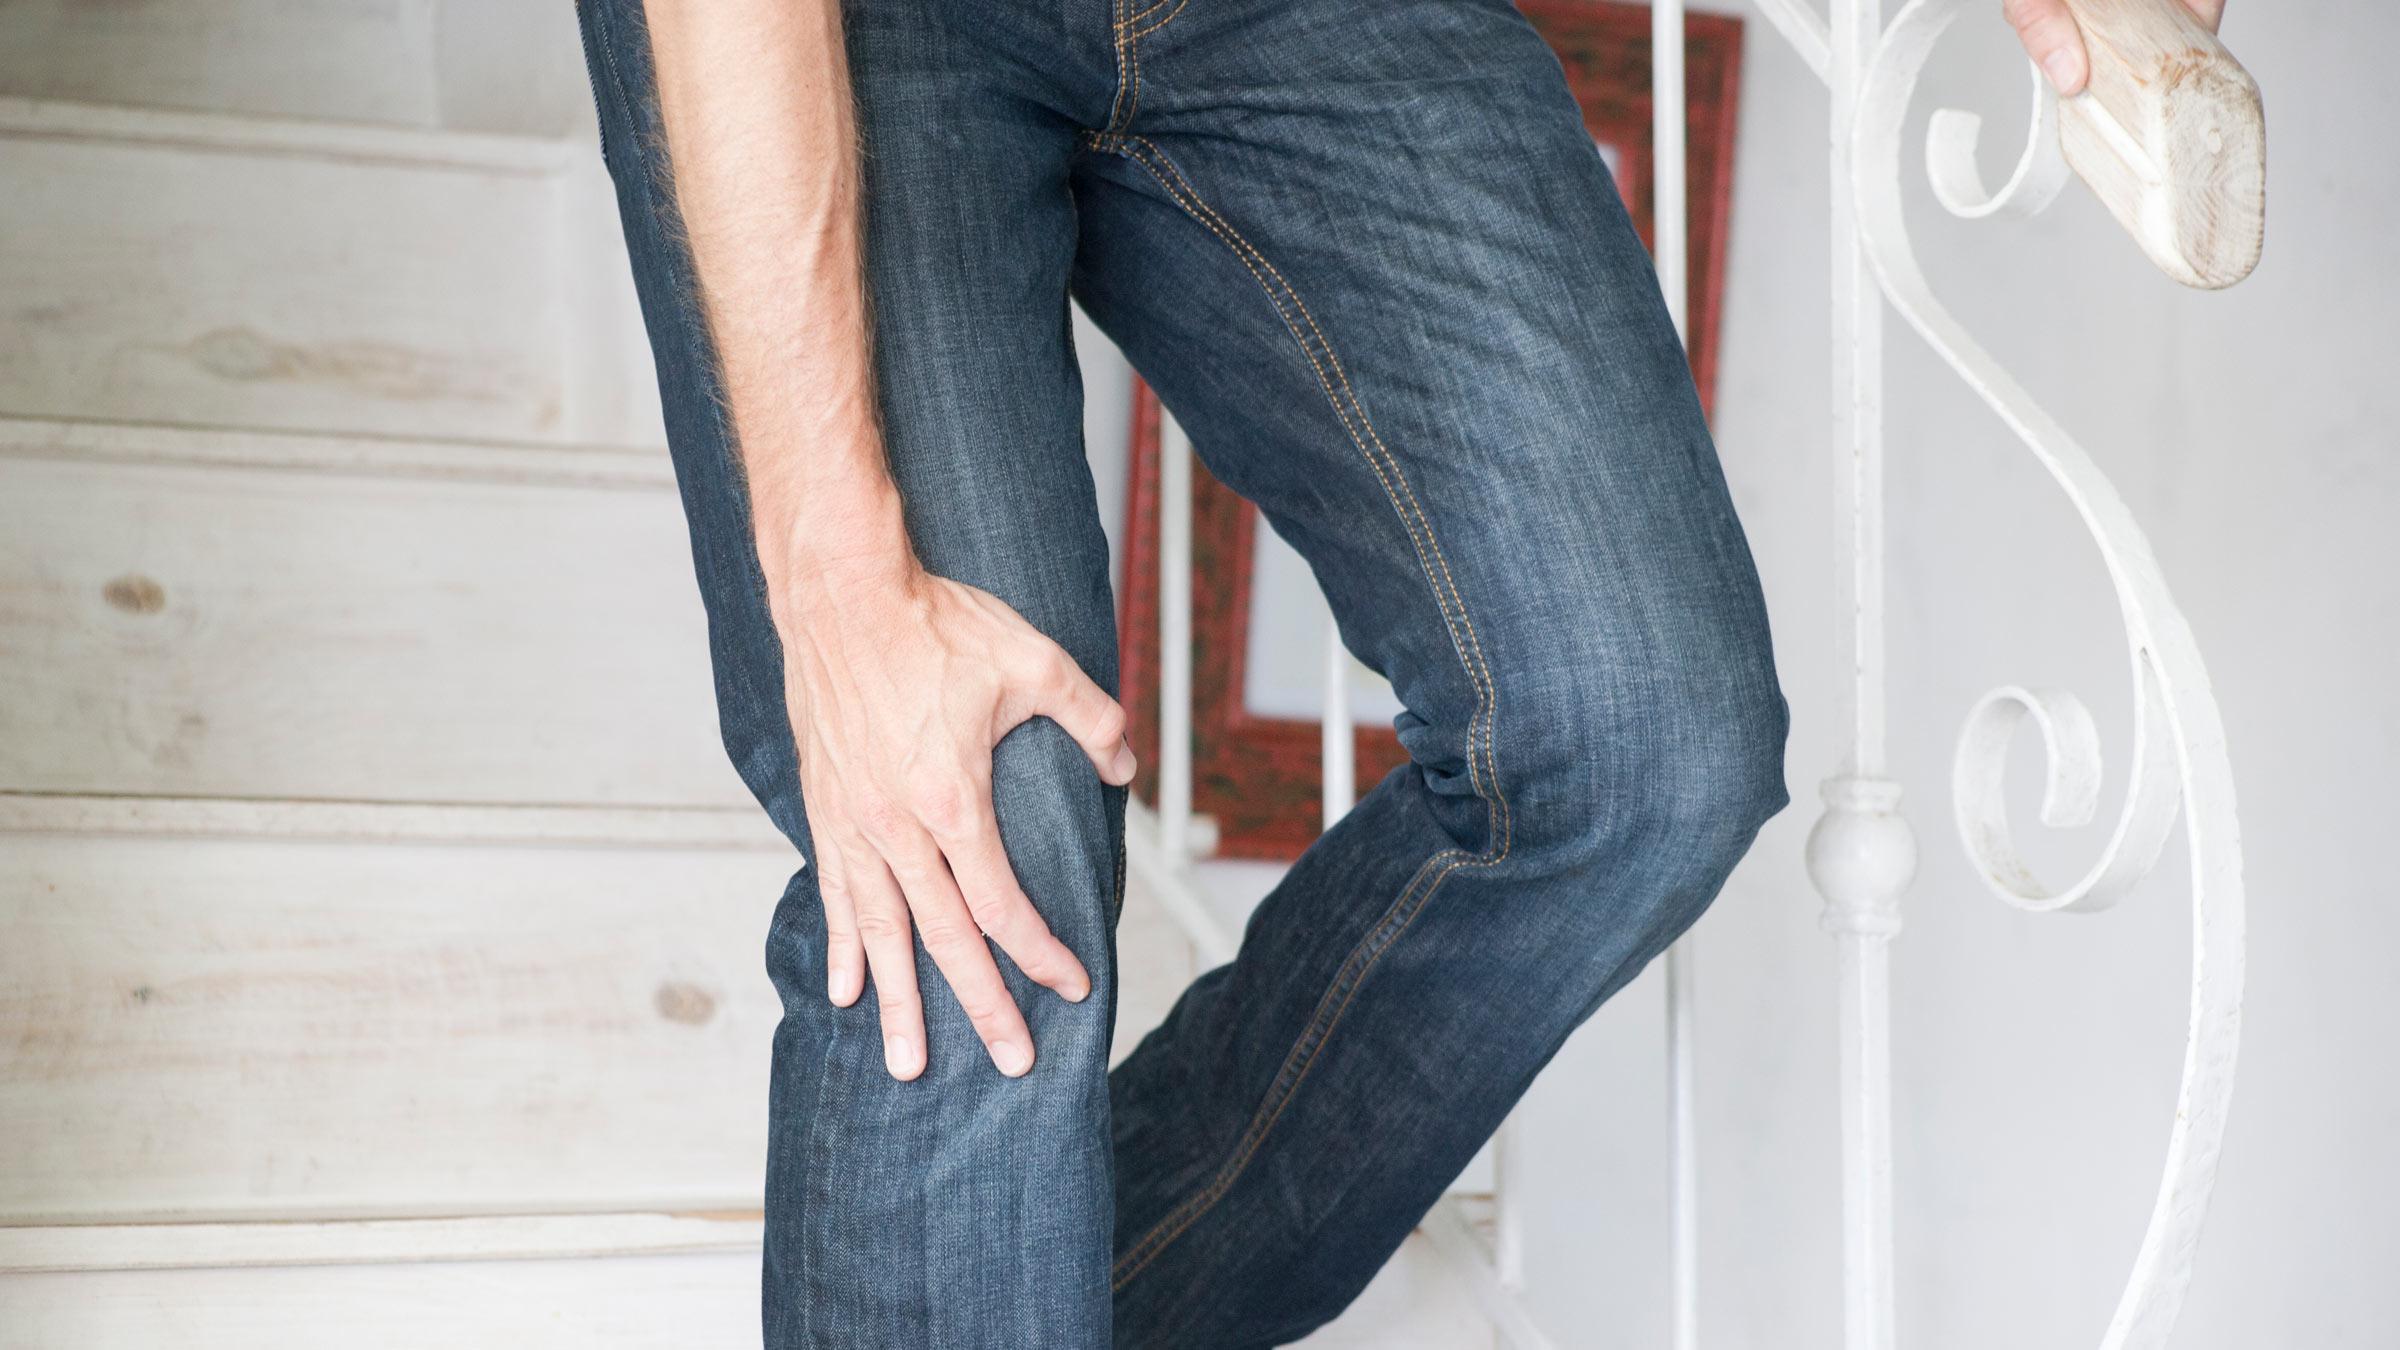 Il ginocchio fa male quando si sale le scale, che cosa...